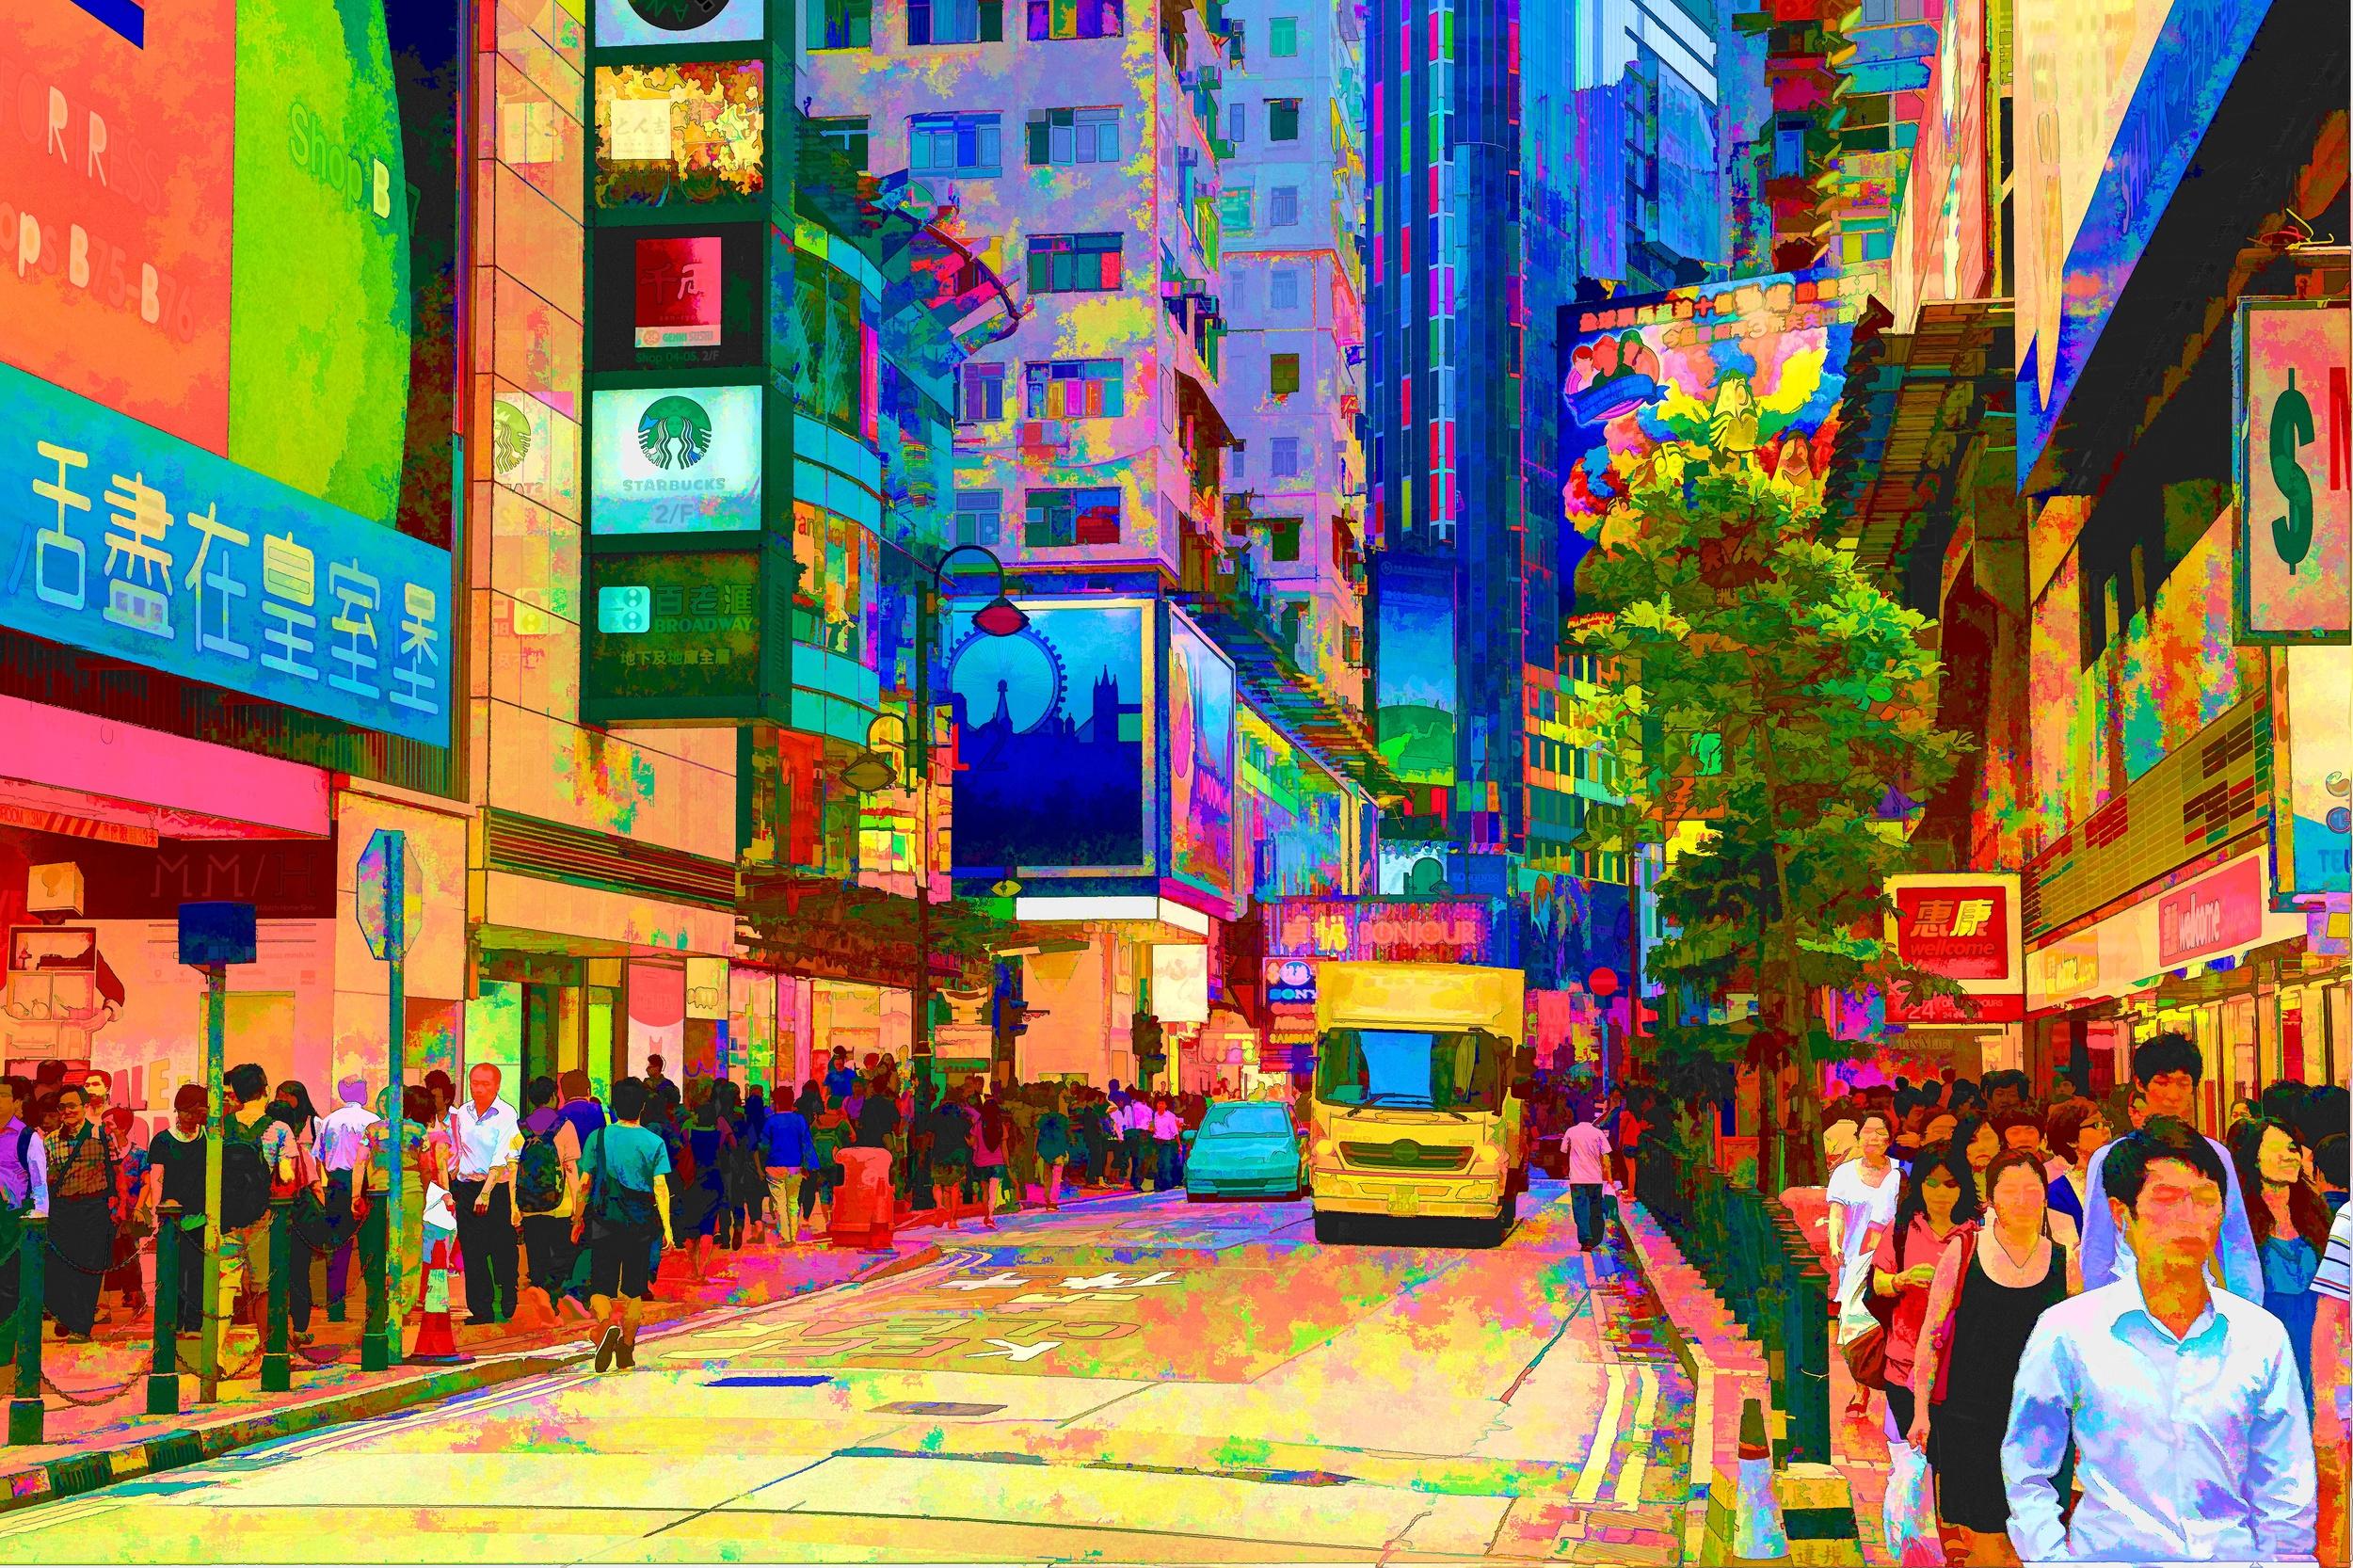 DSC_0991_2_3_fused.jpg